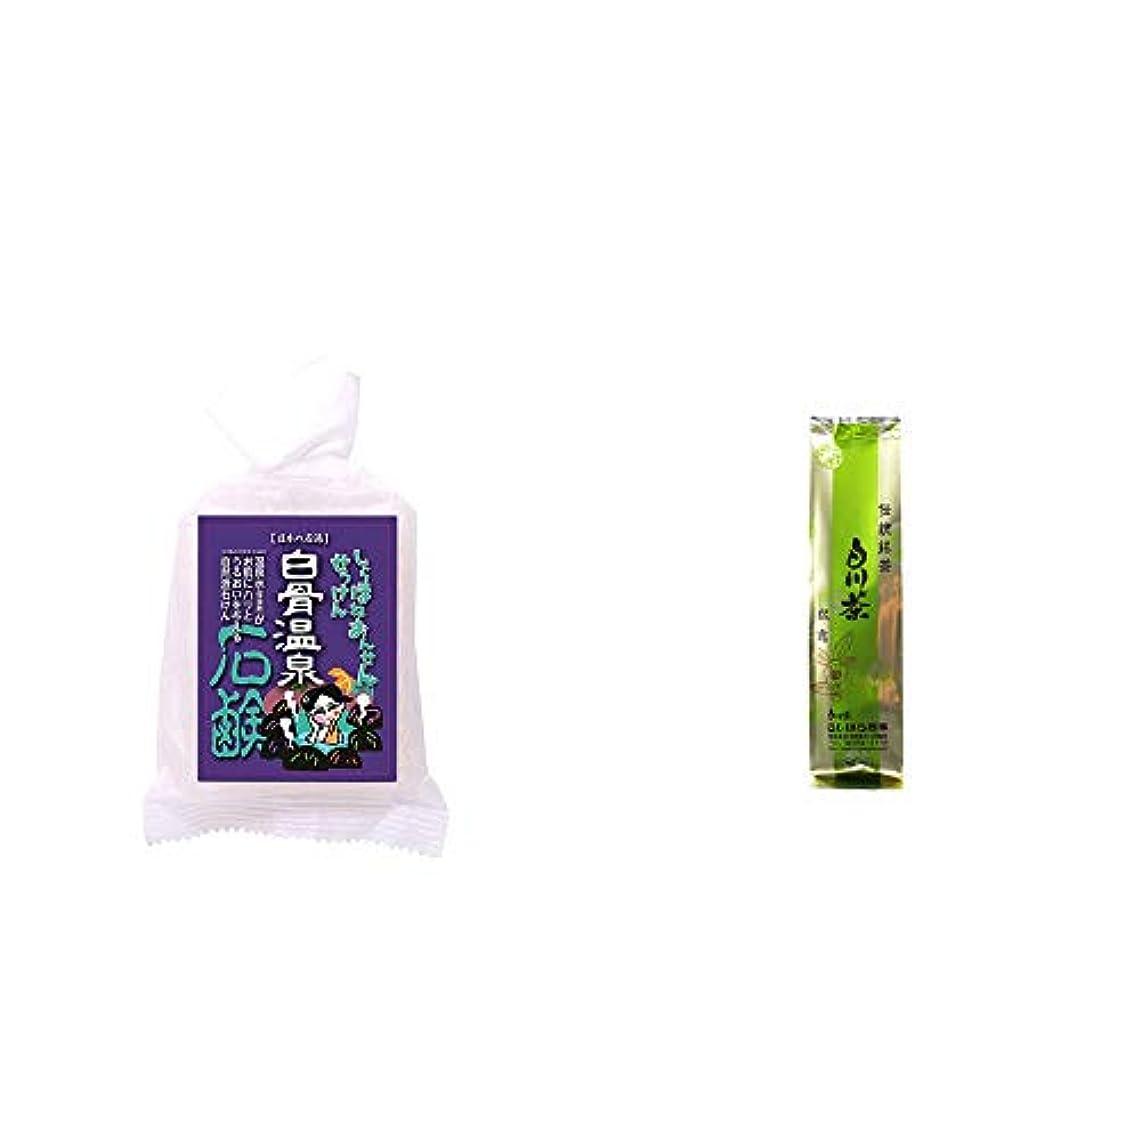 化学ウィンク安らぎ[2点セット] 信州 白骨温泉石鹸(80g)?白川茶 伝統銘茶【松露】(180g)